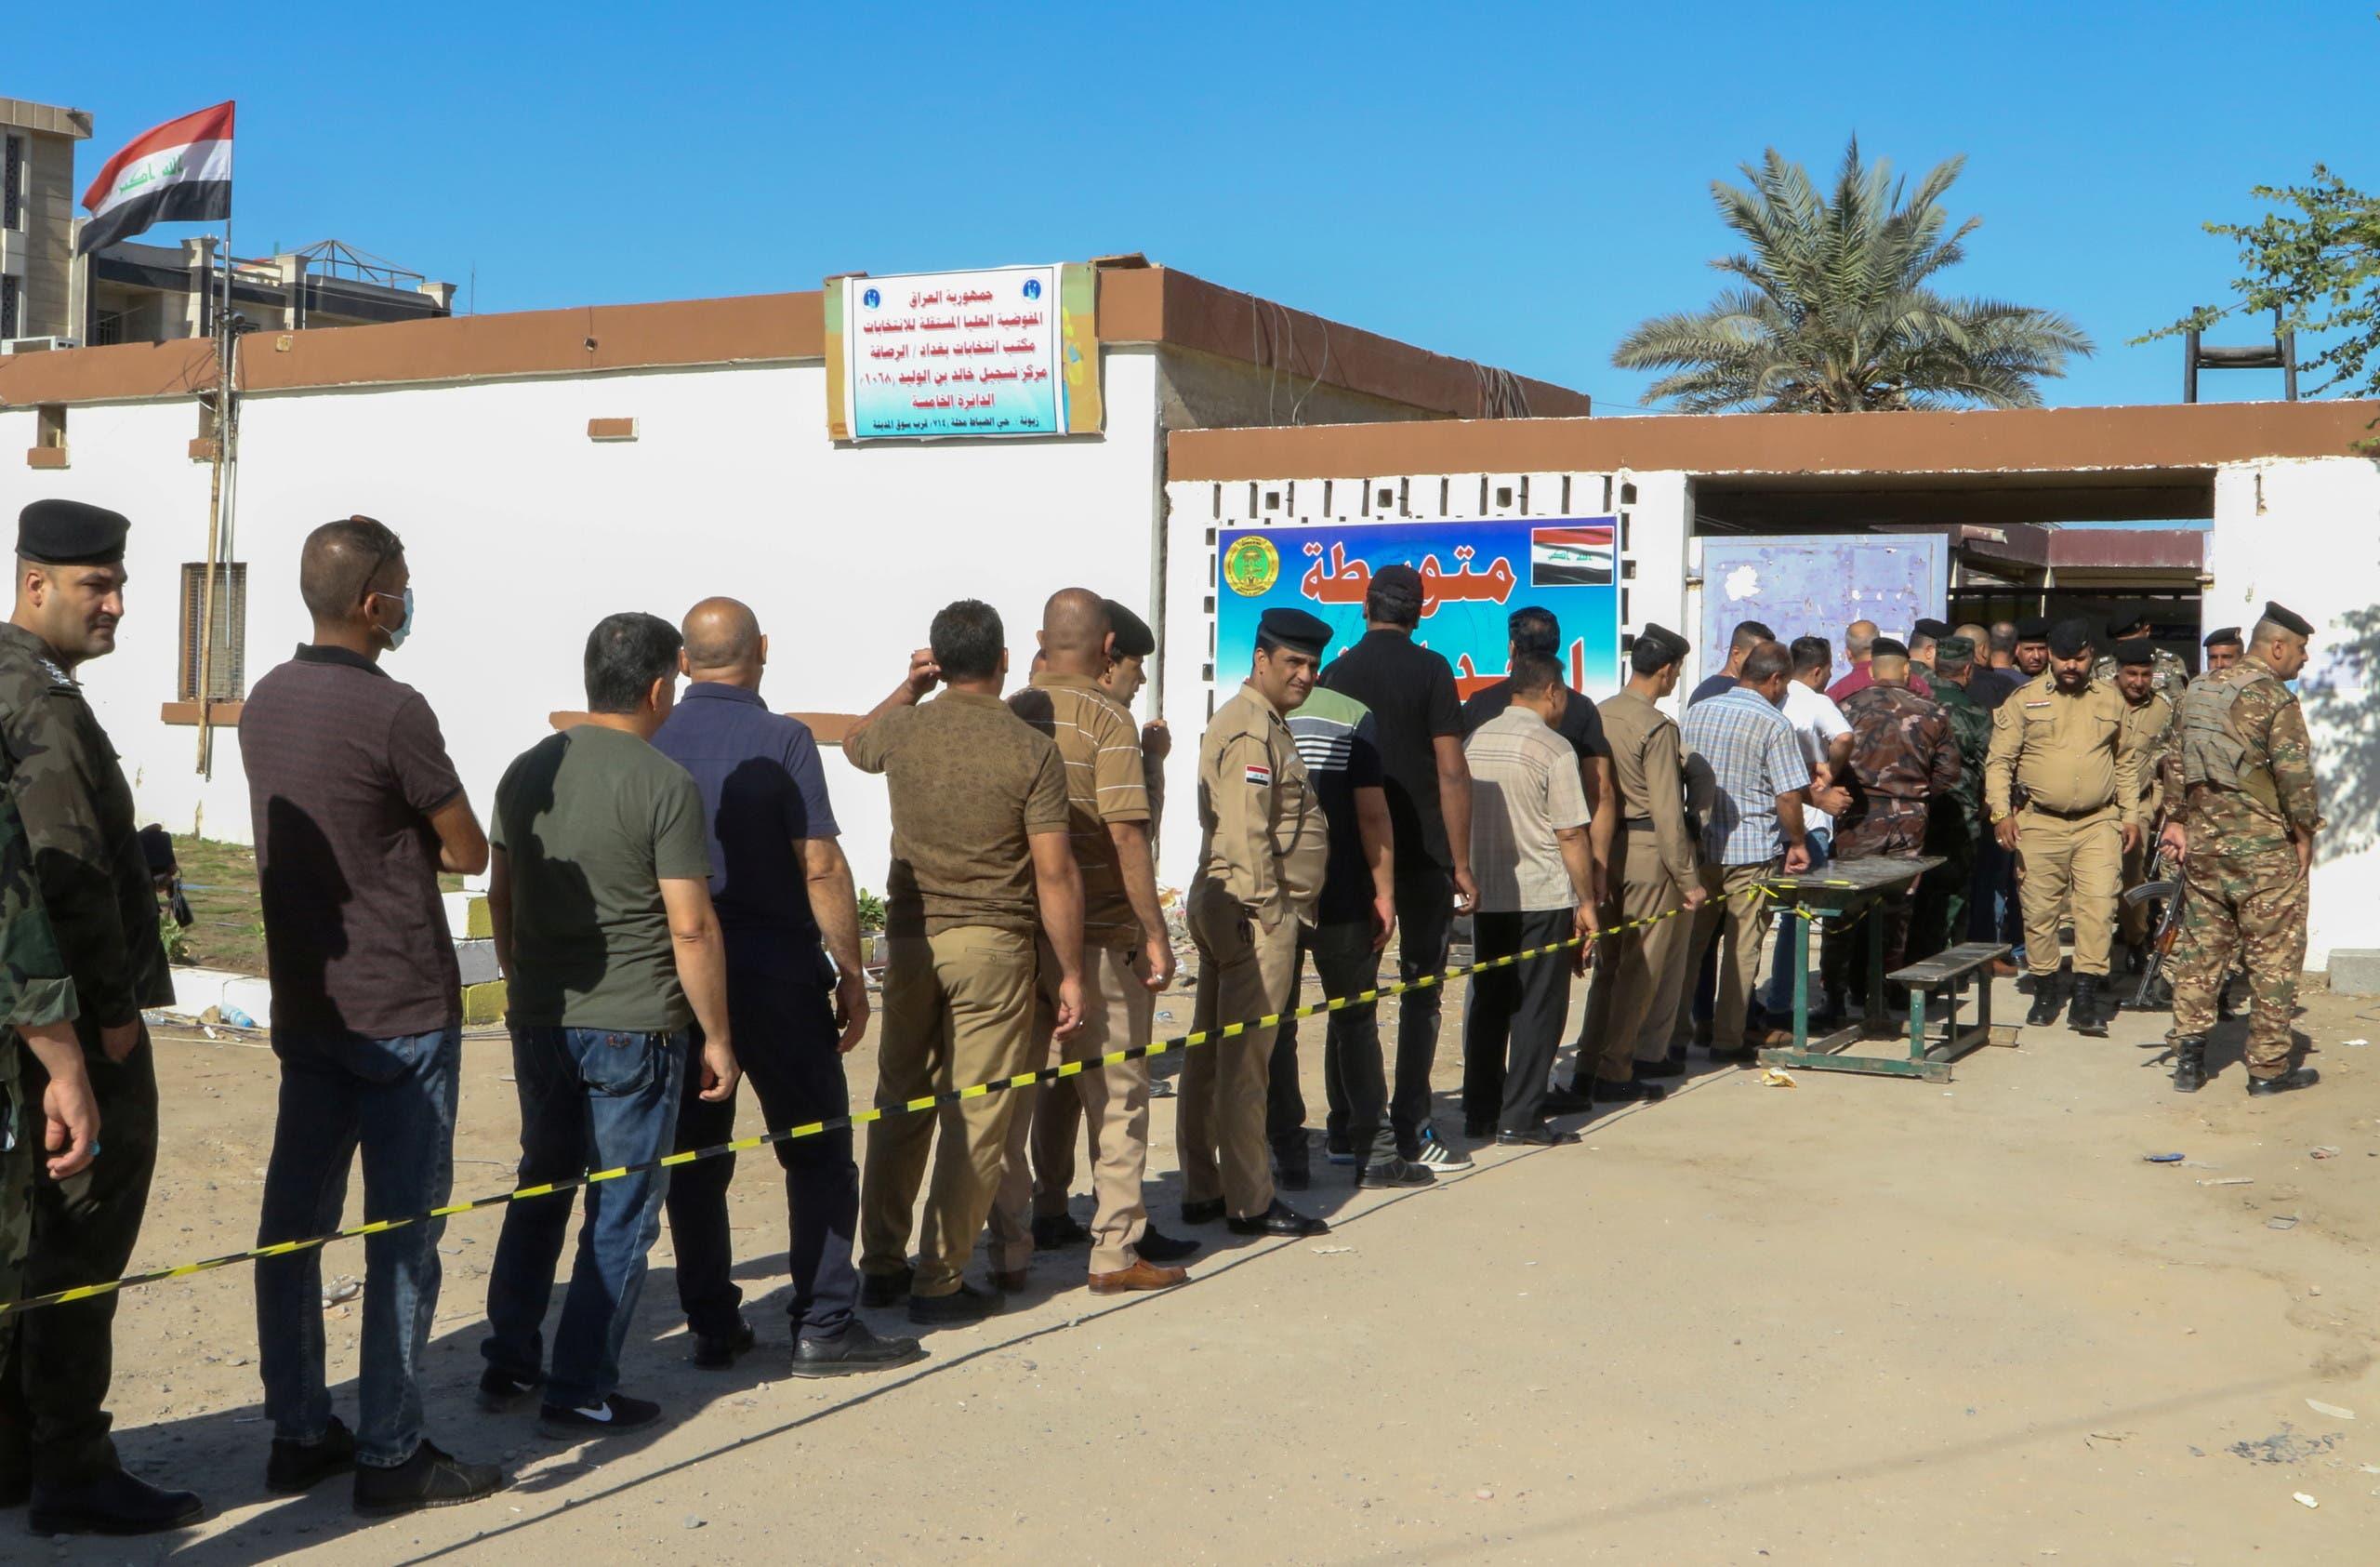 من عملية تصويت العسكريين بالعراق